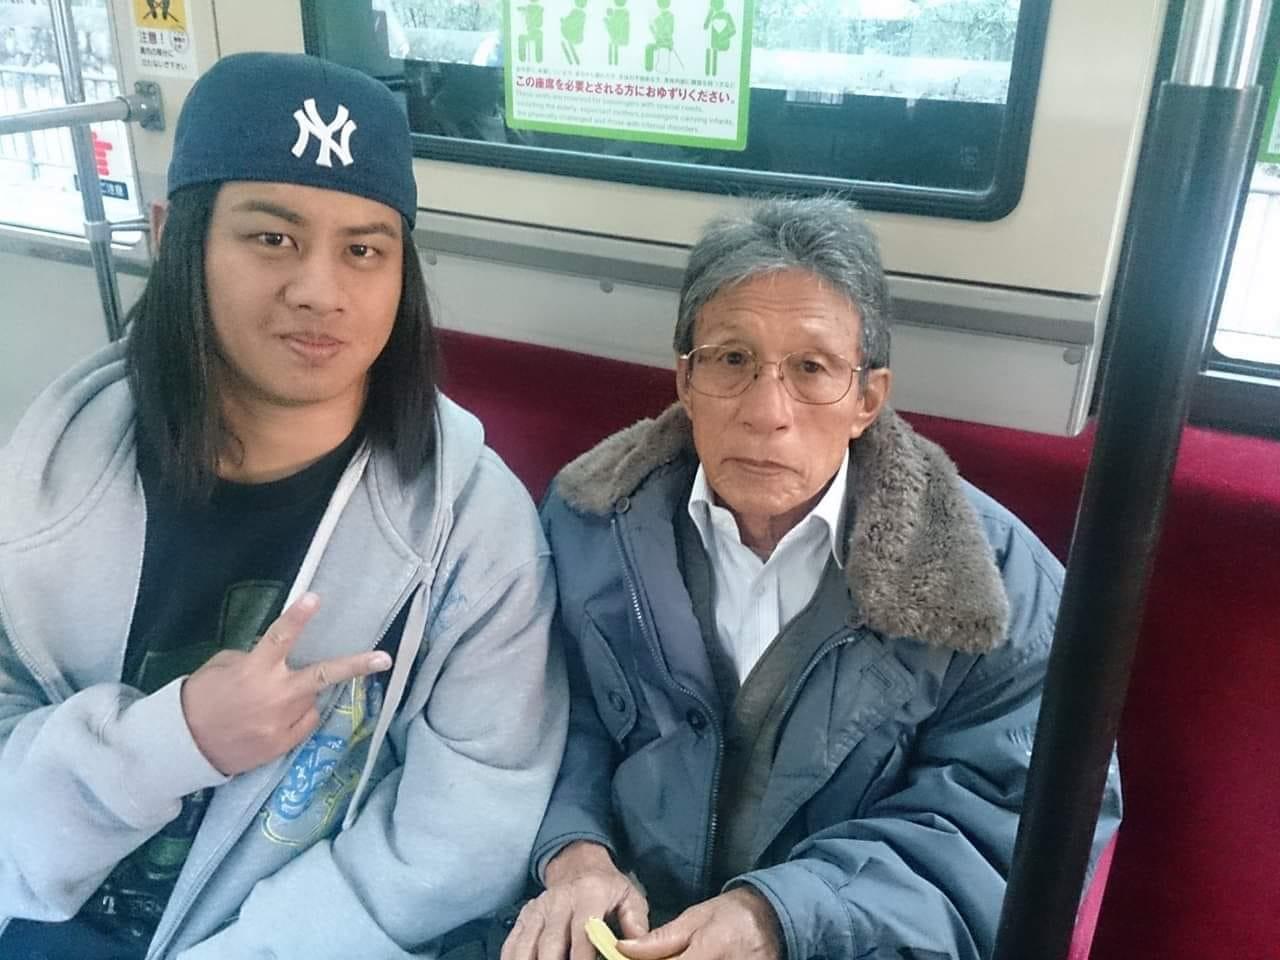 他到日本旅遊被問「你們是台灣人嗎?」 老人爆「心酸回憶」網淚崩:謝謝你看到我們的好!